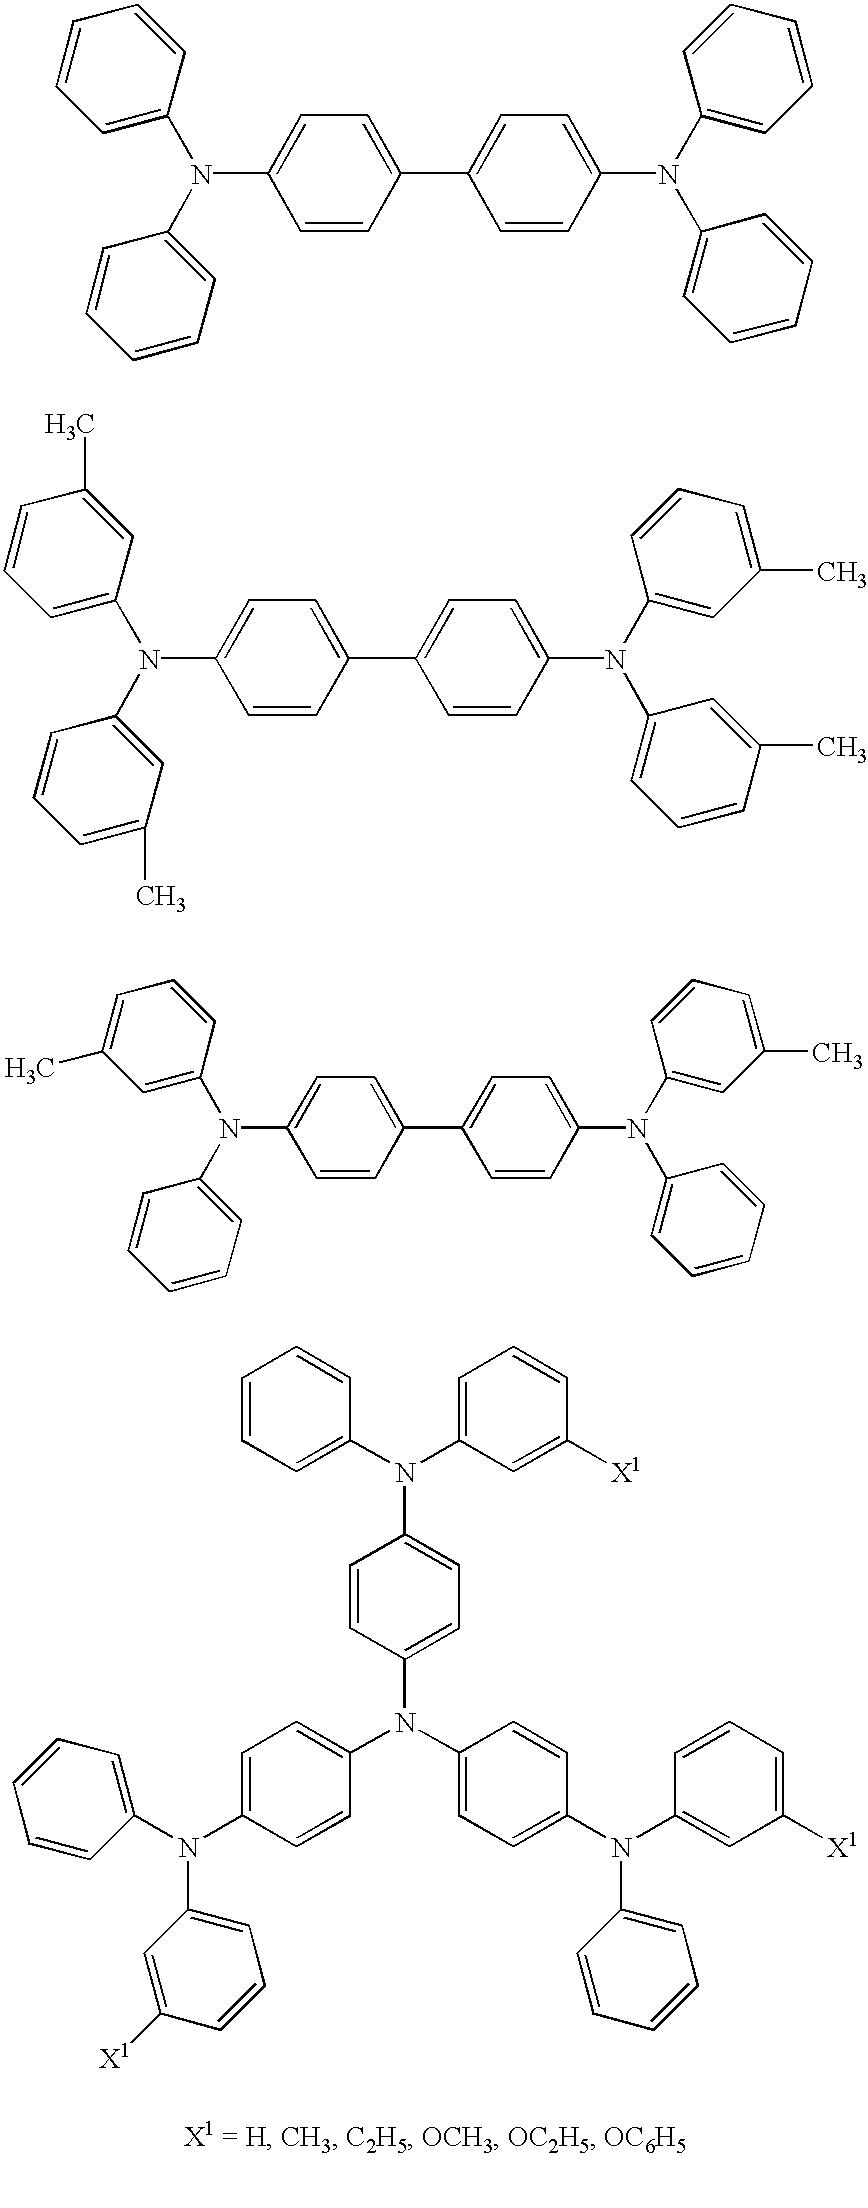 Figure US06541128-20030401-C00015